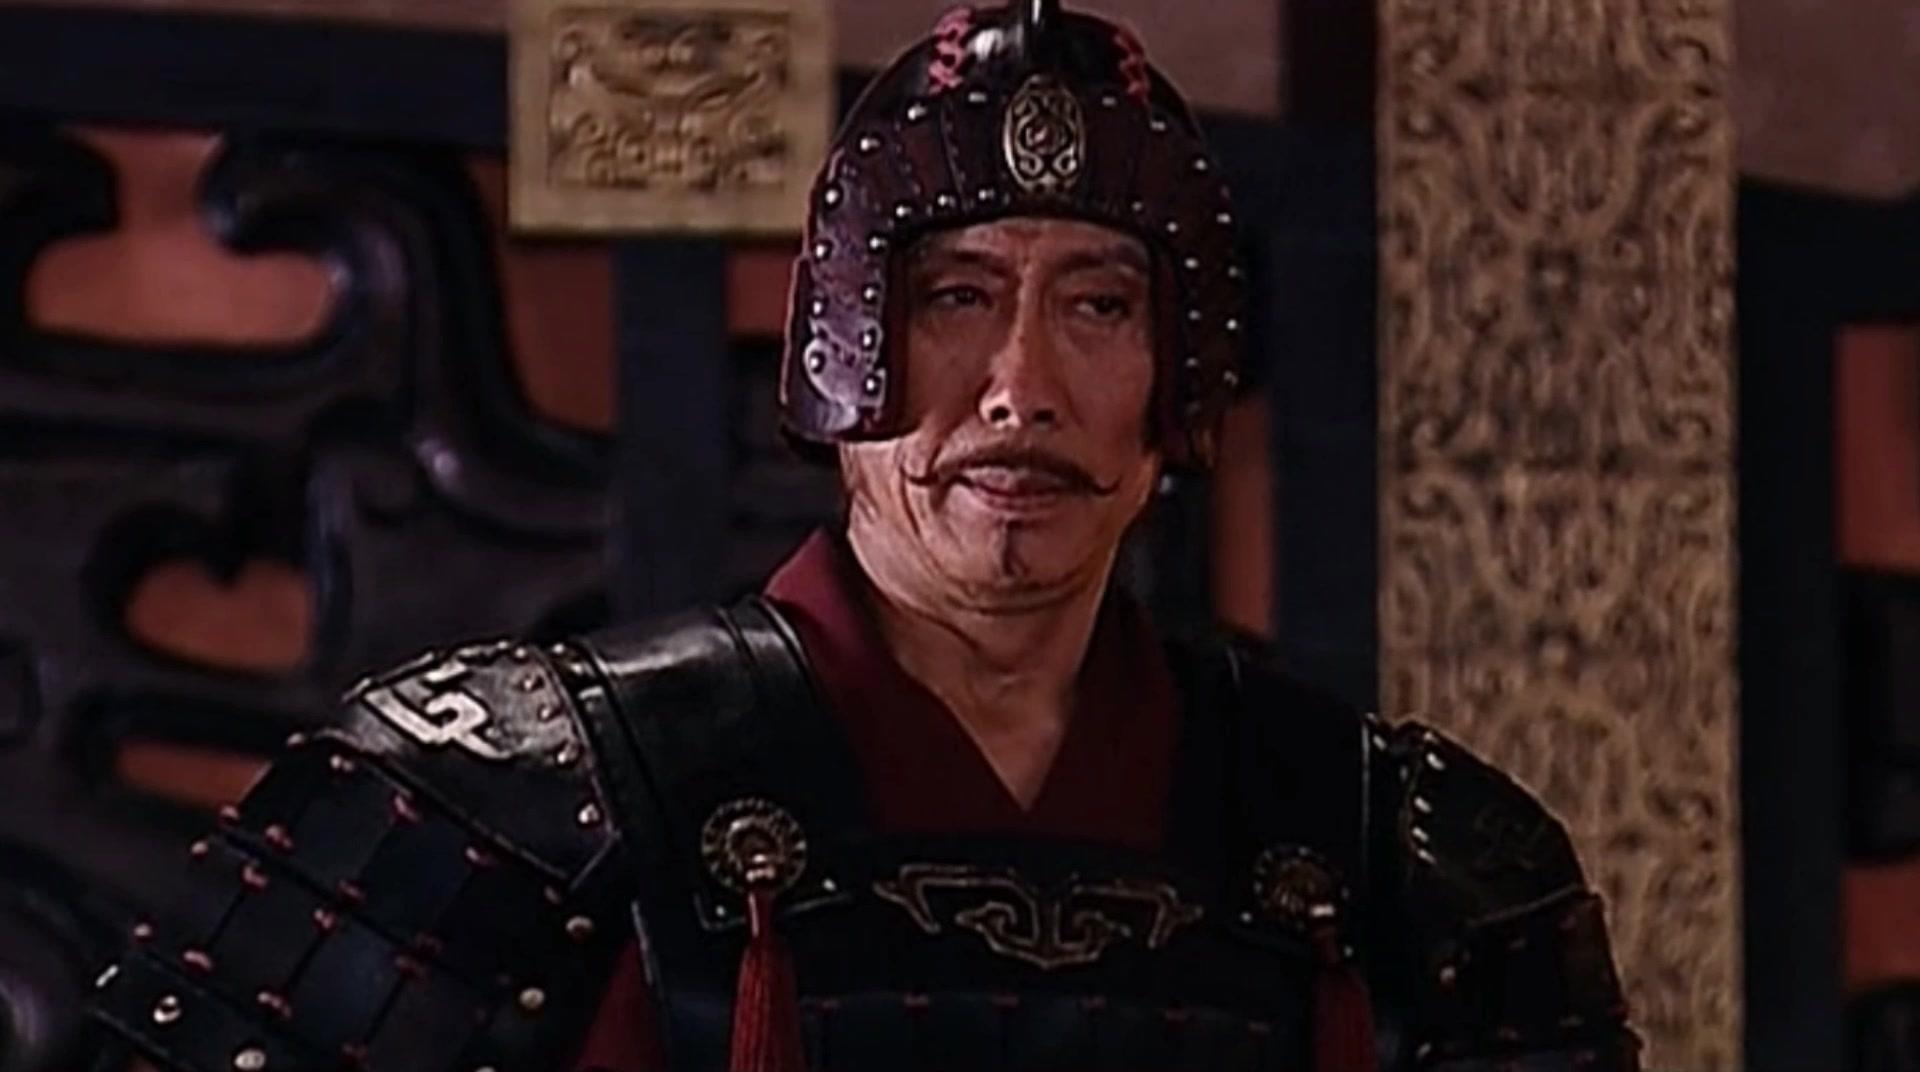 汉景帝身穿胄甲废黜太子罢免丞相。霸气宣布军队自己先管上几天。